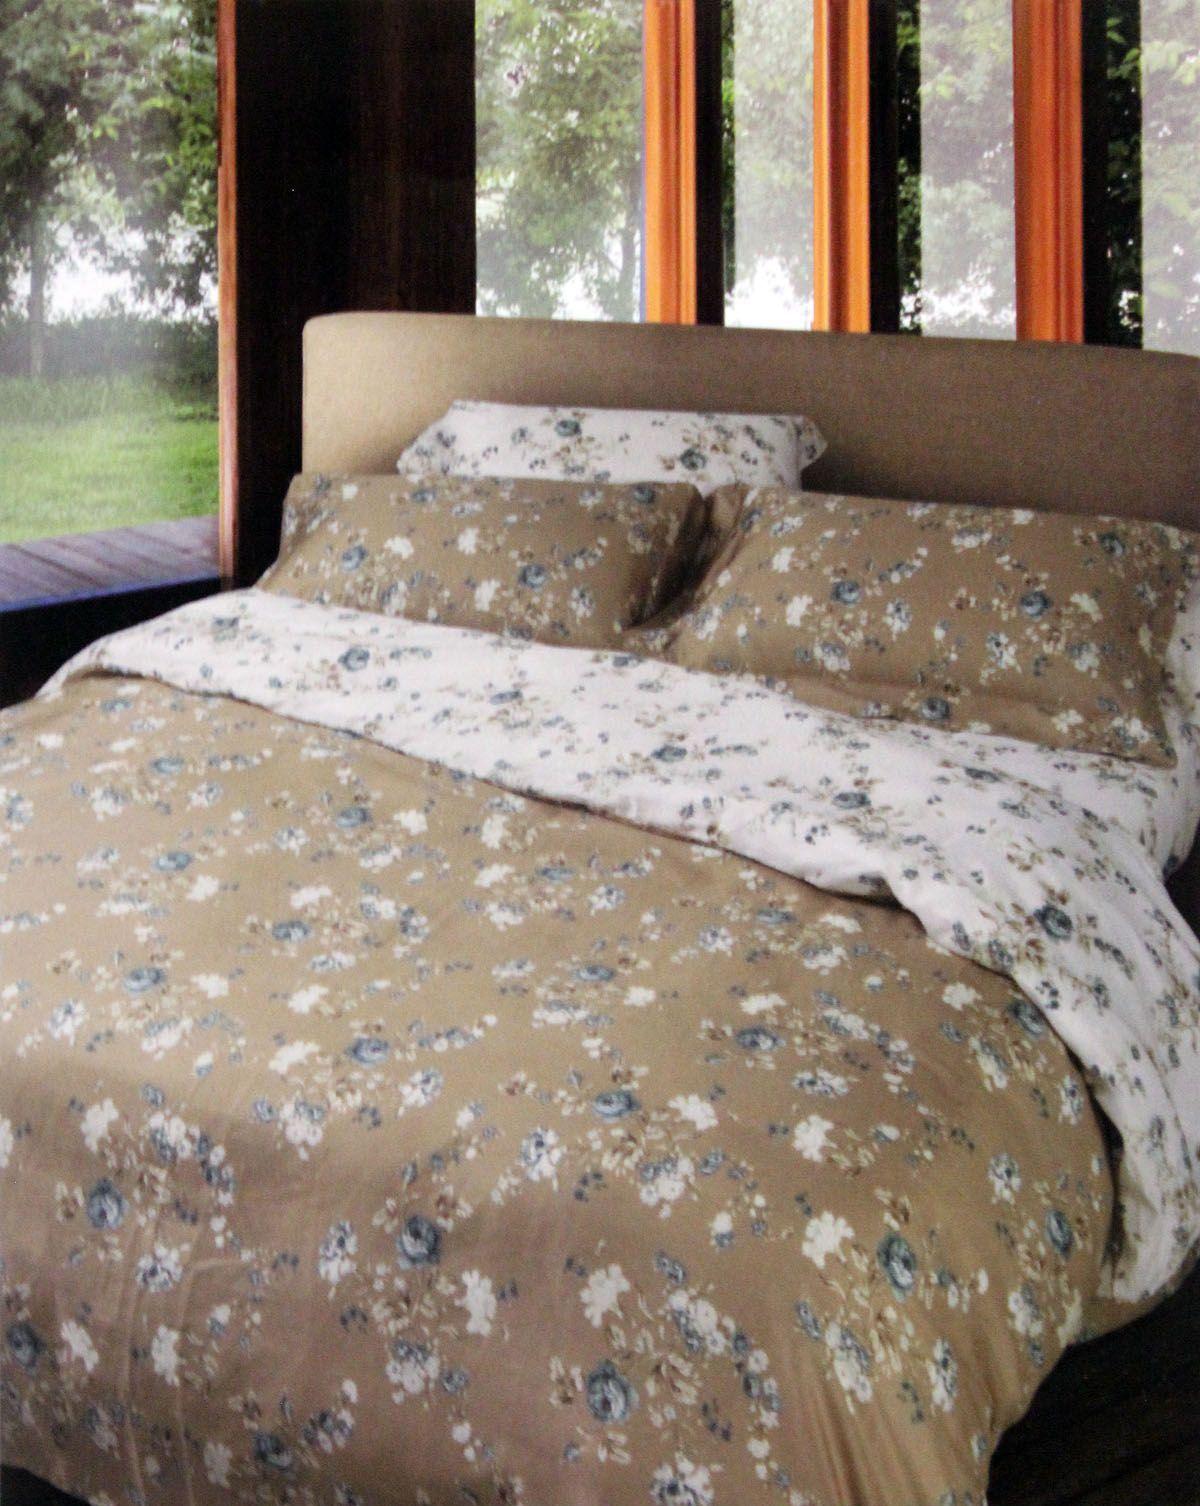 Постельное Постельное белье 2 спальное евро Casa Anversa Tudor Fiore Grigio postelnoe-belie-2-spalnoe-evro-casa-anversa-tudor-fiore-grigio-italiya.jpg